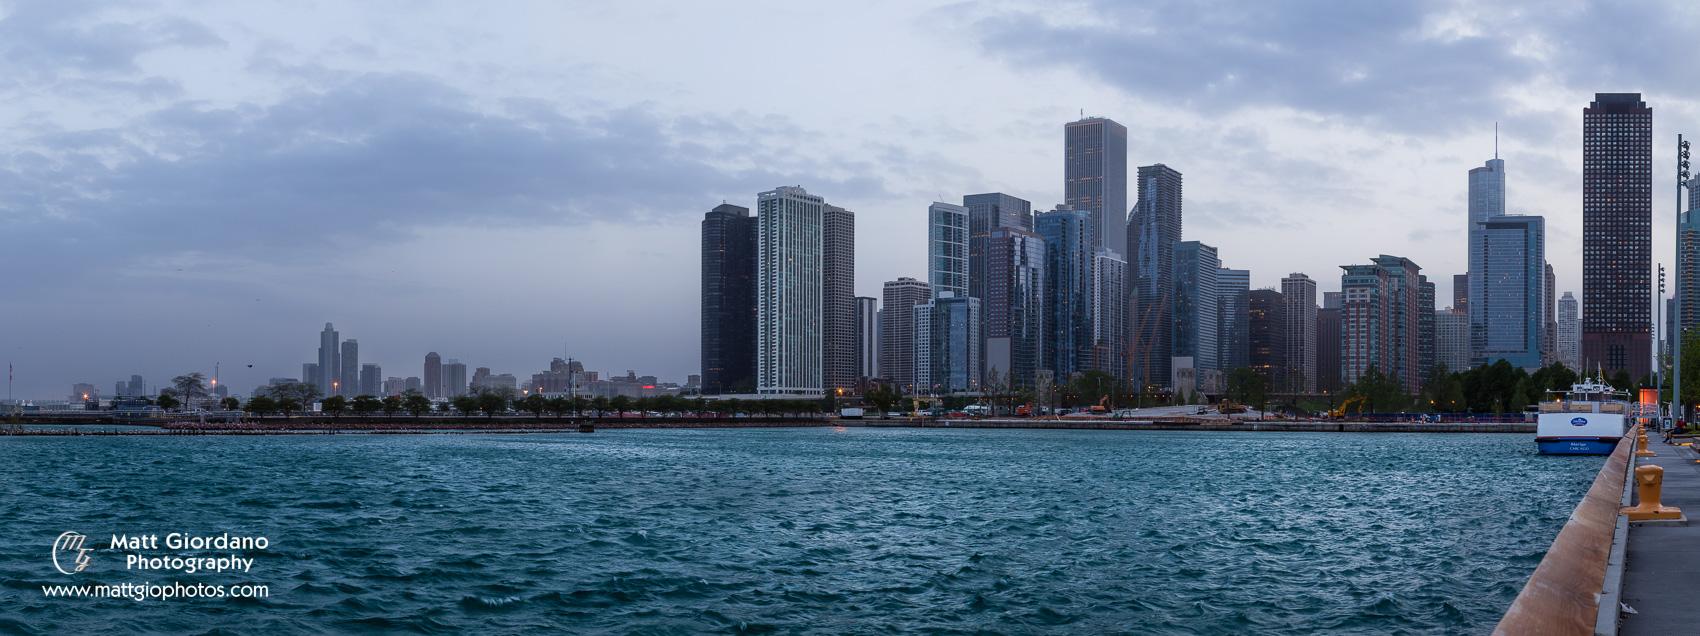 May2017-Chicago-IMG_7626-Pano